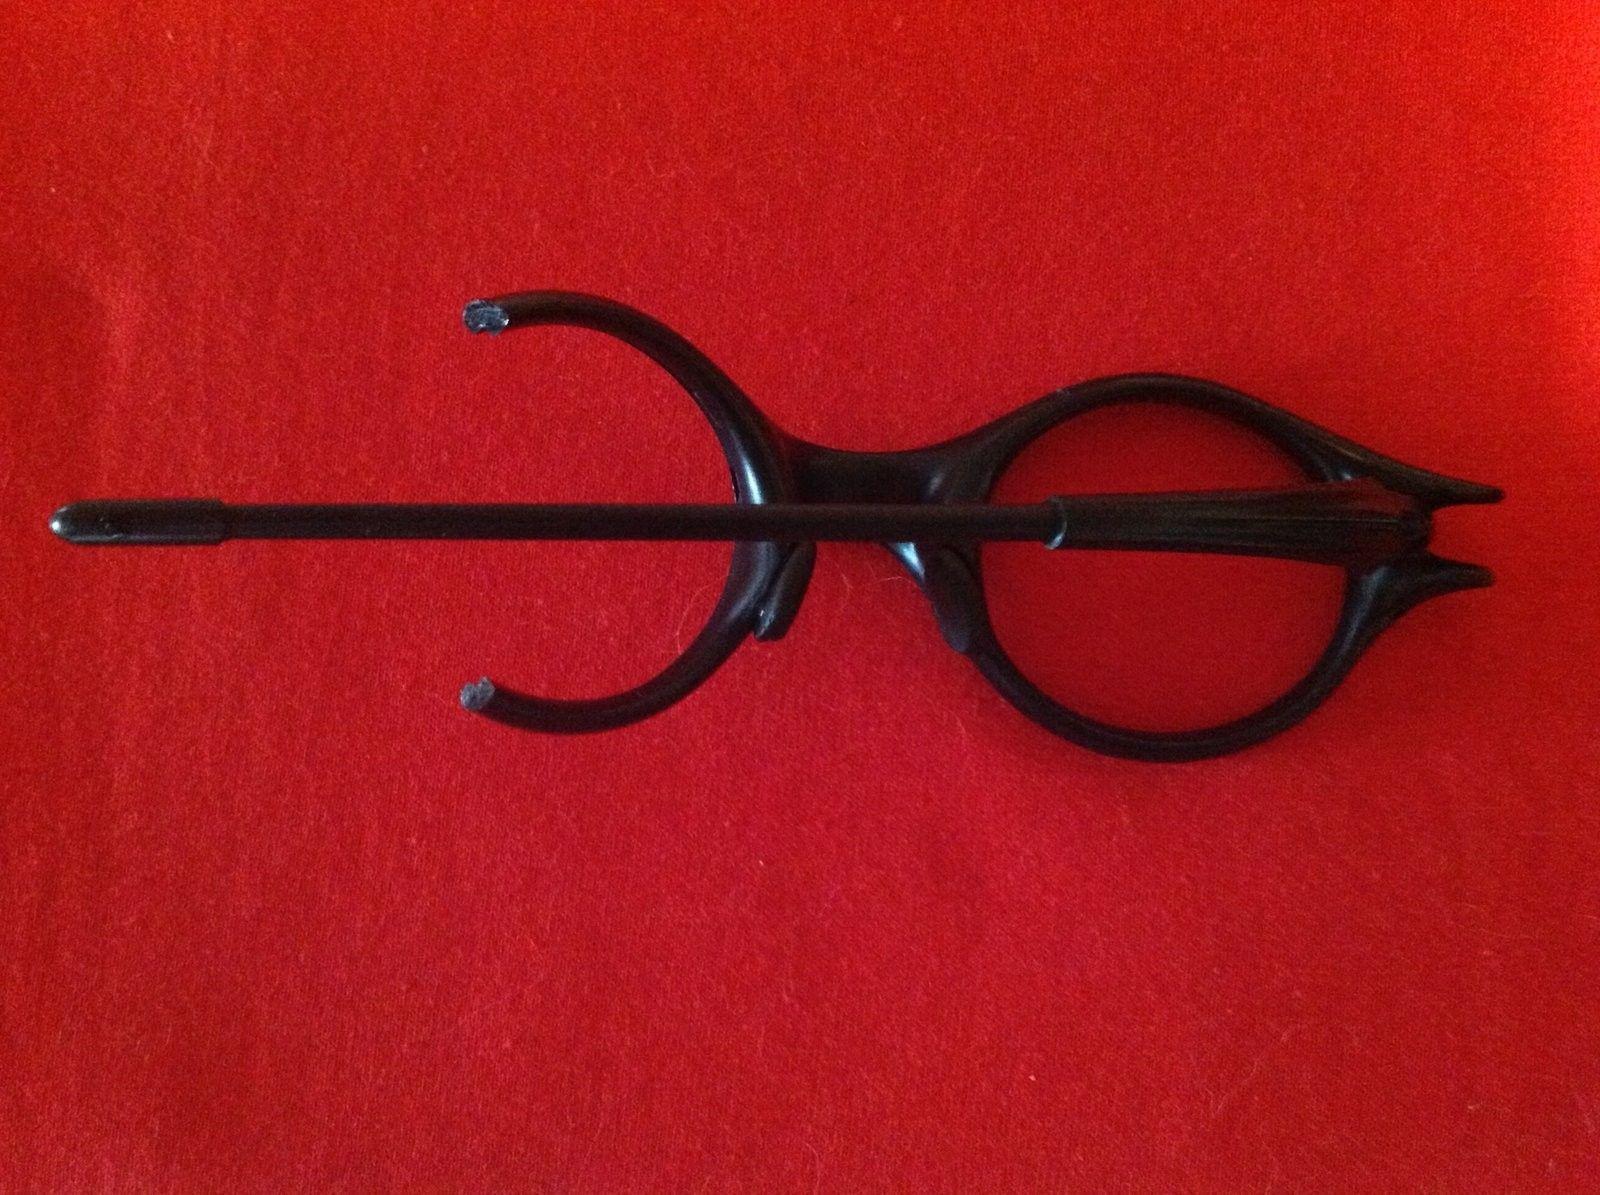 Oakley Moon Black Ear Stem - image.jpeg